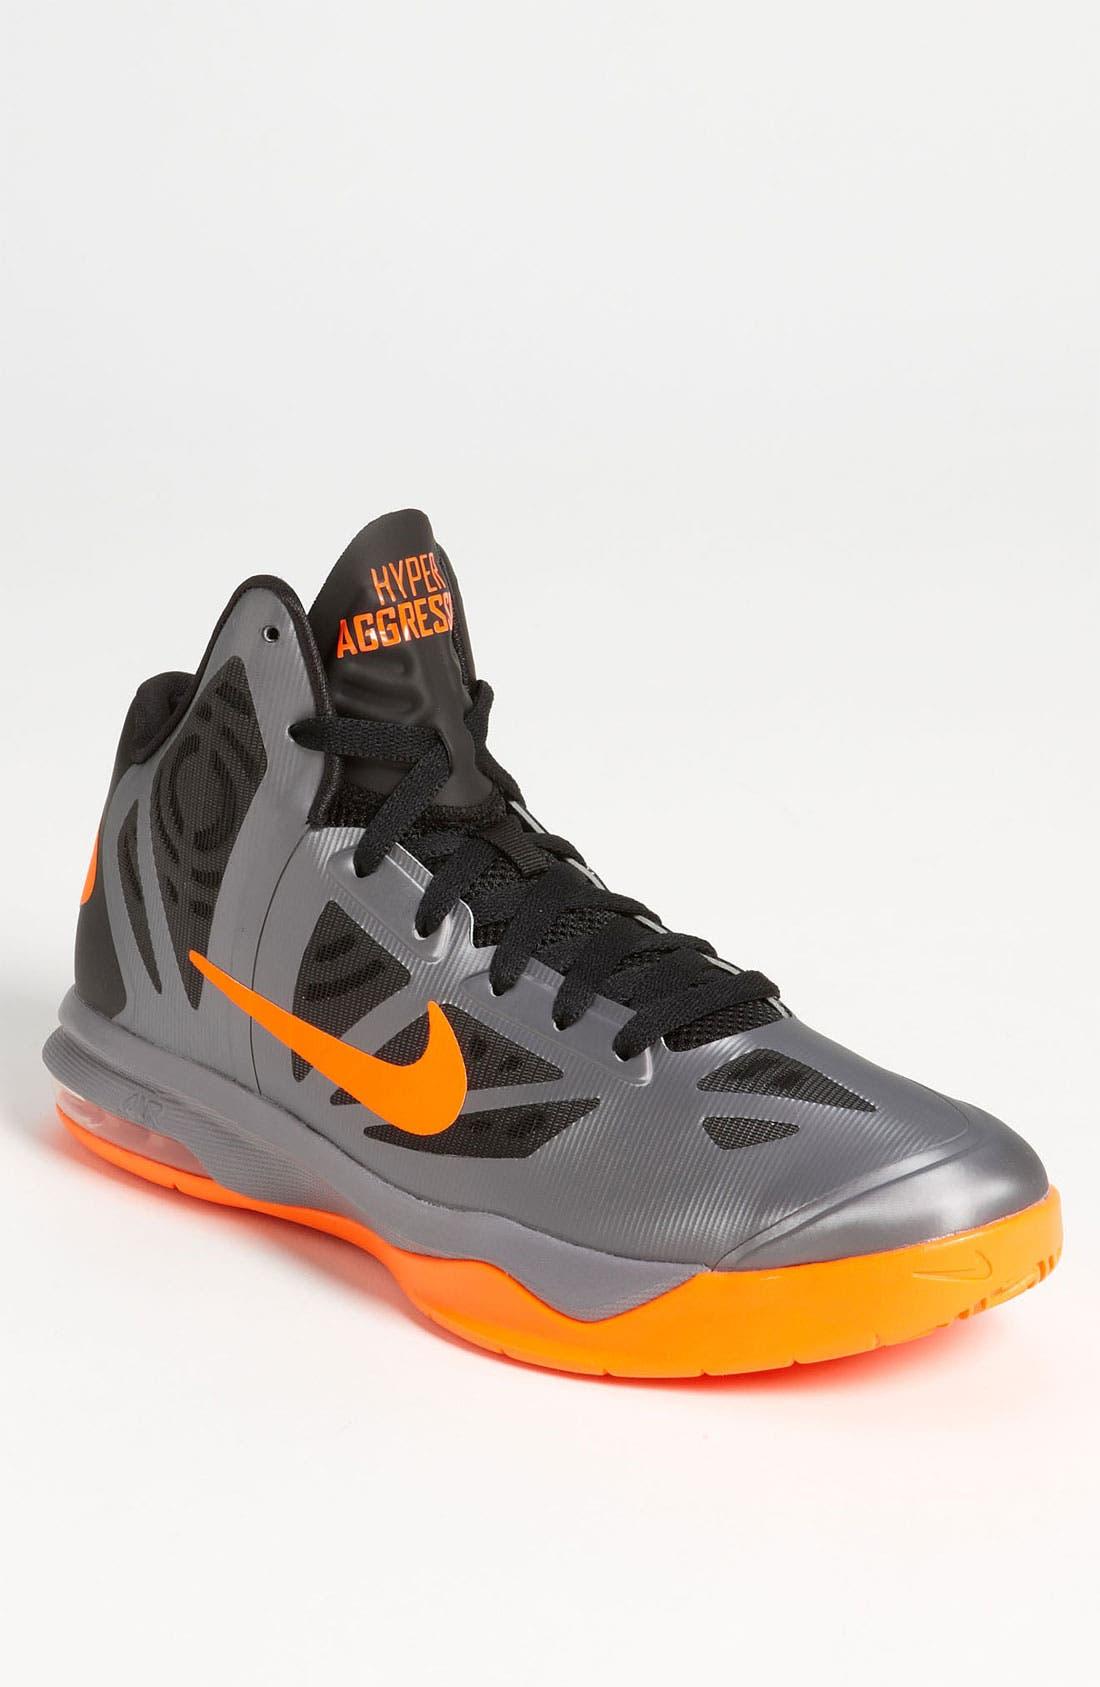 Main Image - Nike 'Air Max HyperAggressor' Basketball Shoe (Men)